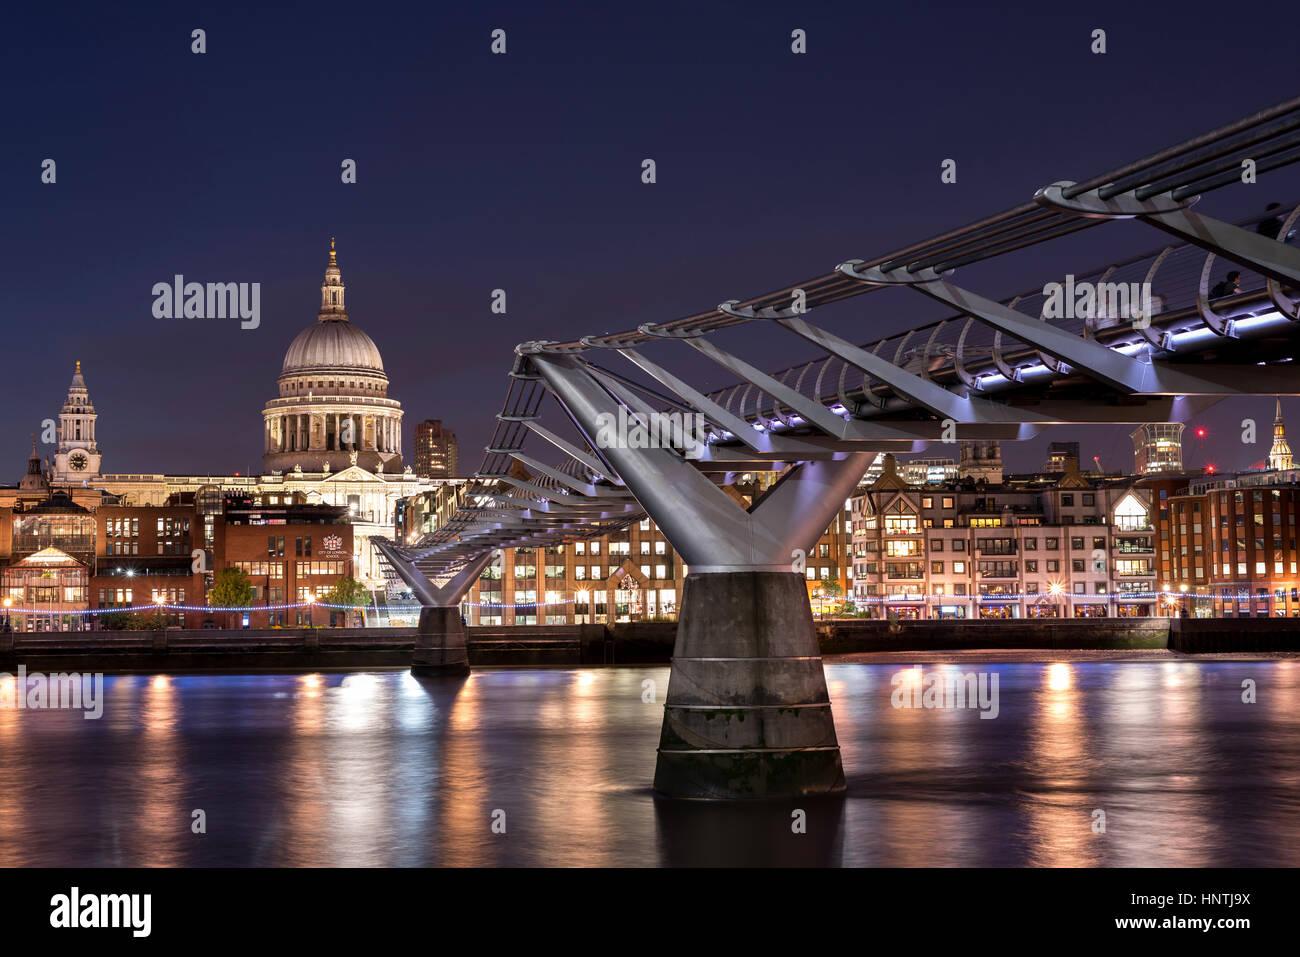 Vista nocturna de la Millennium Bridge y el río Támesis, Londres, Reino Unido, con la catedral de St Paul, Imagen De Stock